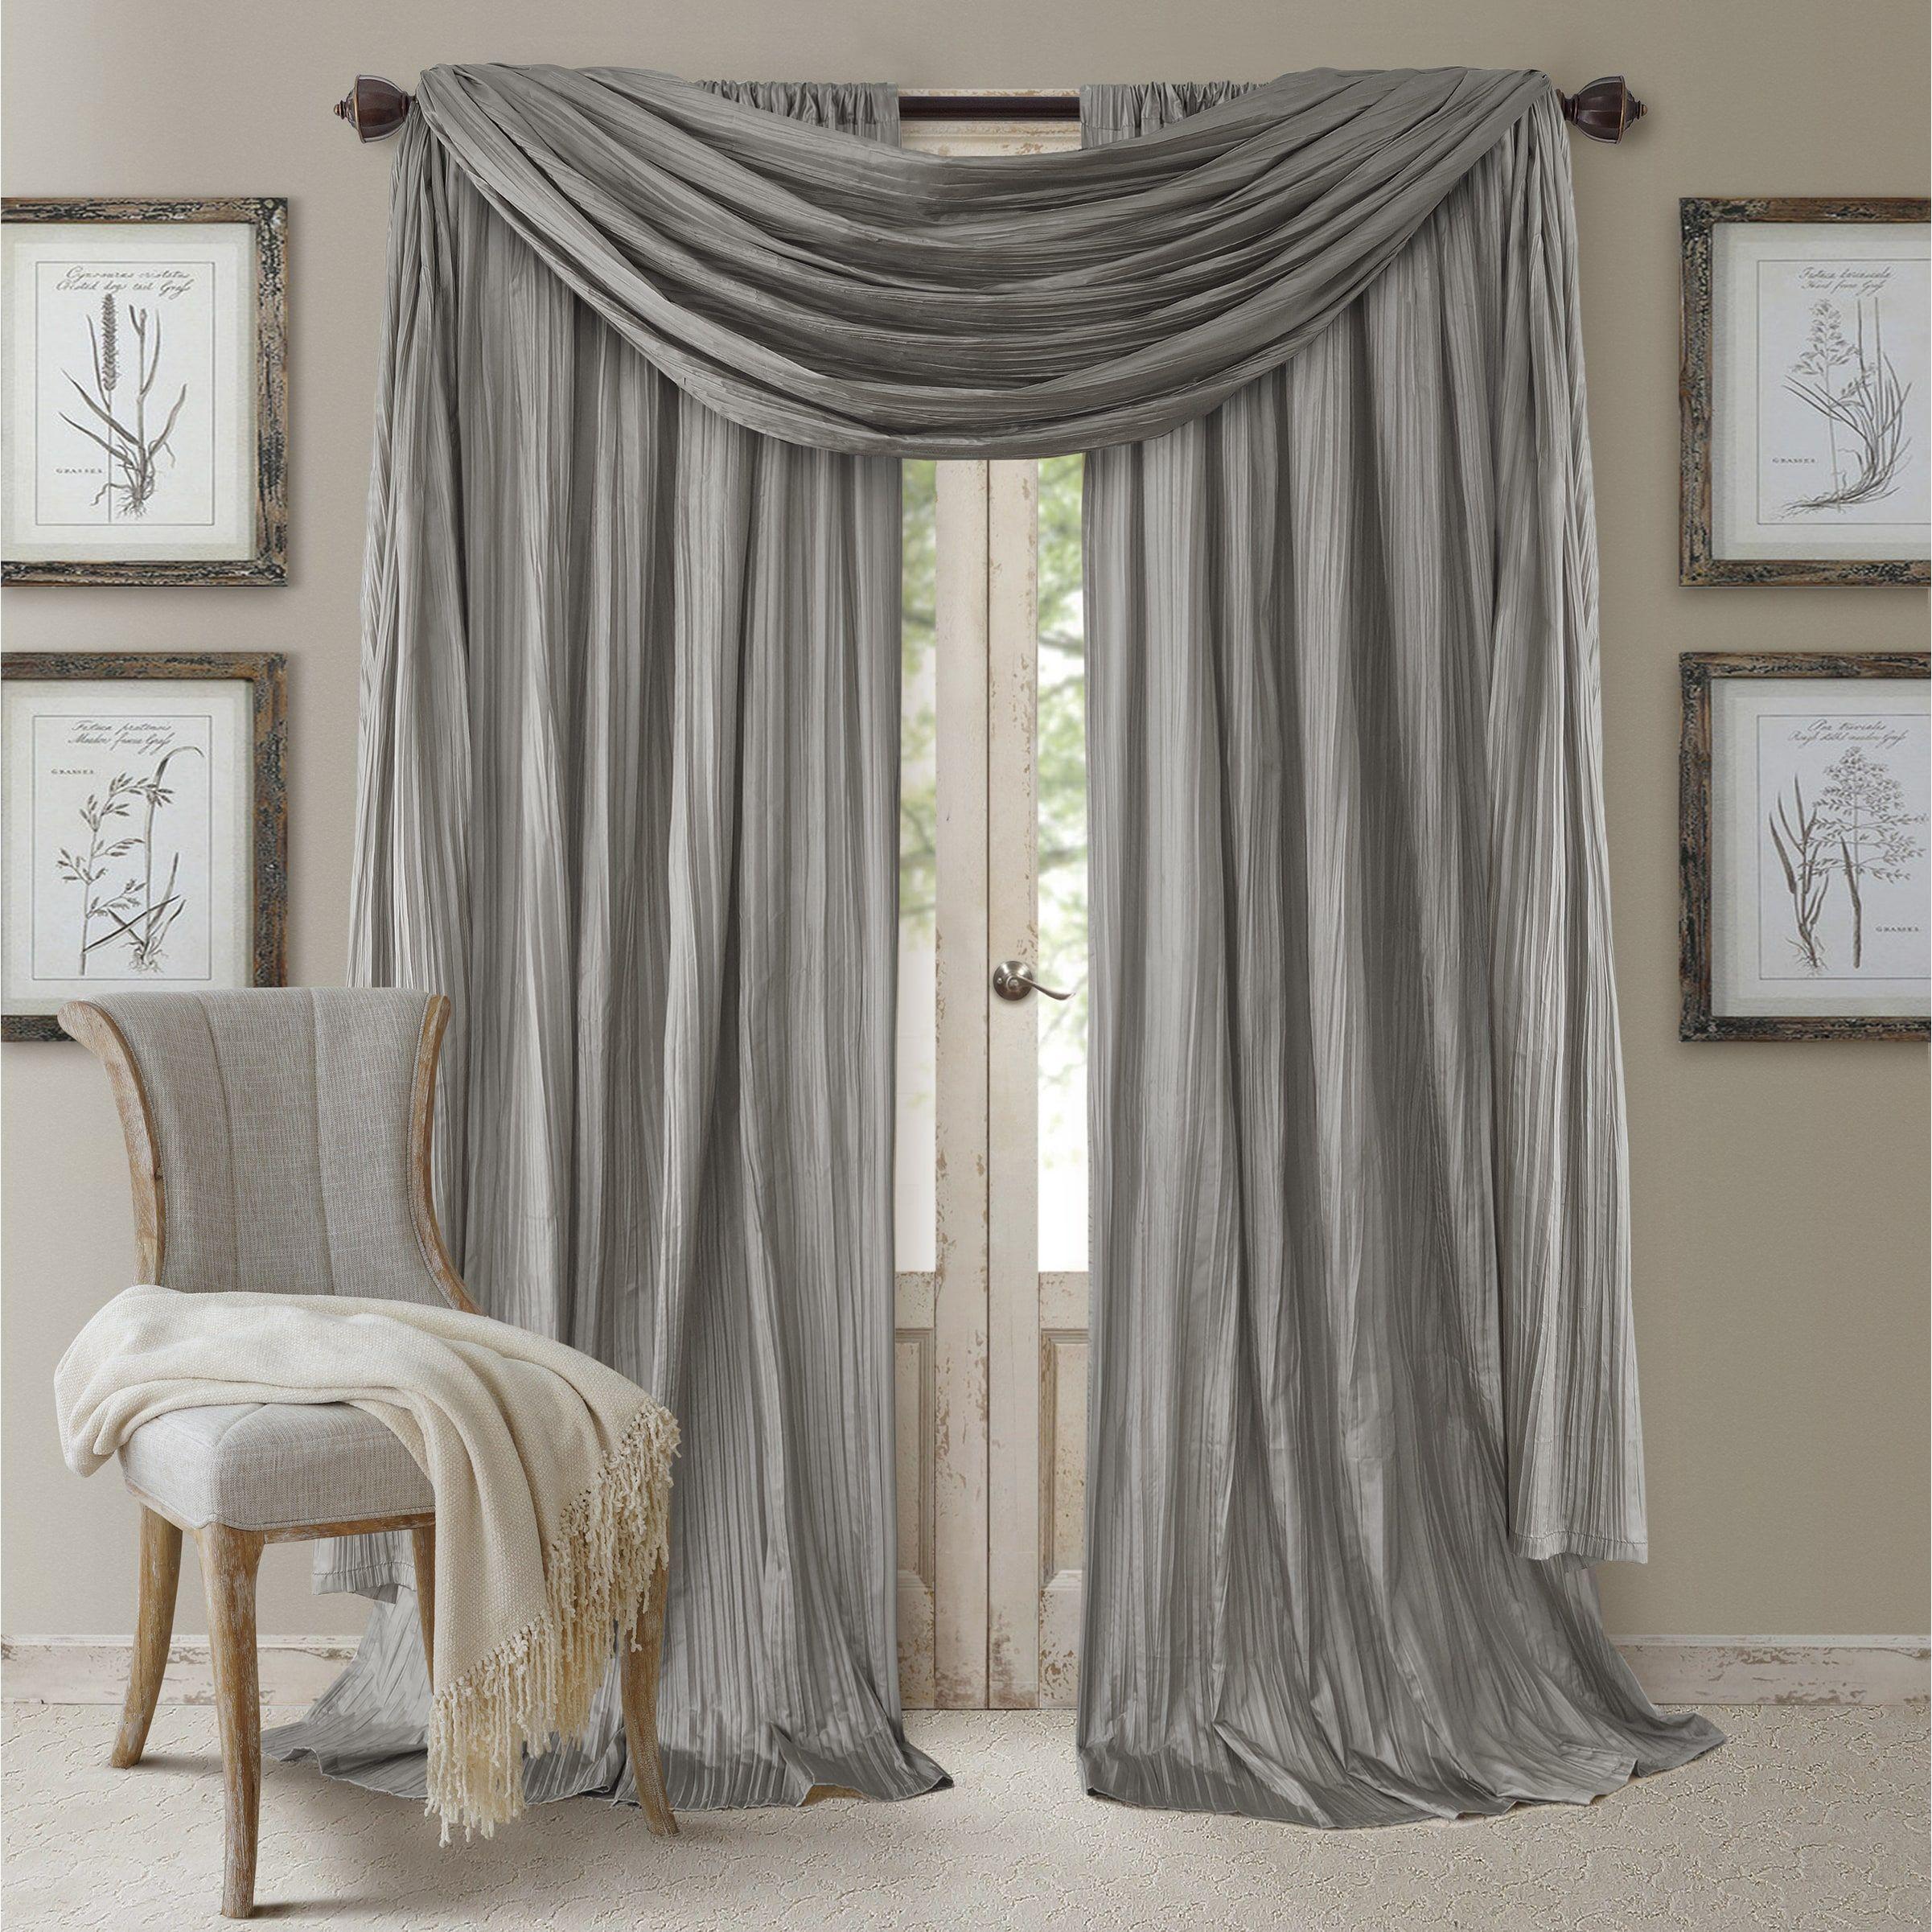 Elrene athena rod pocket curtain panel set of x products